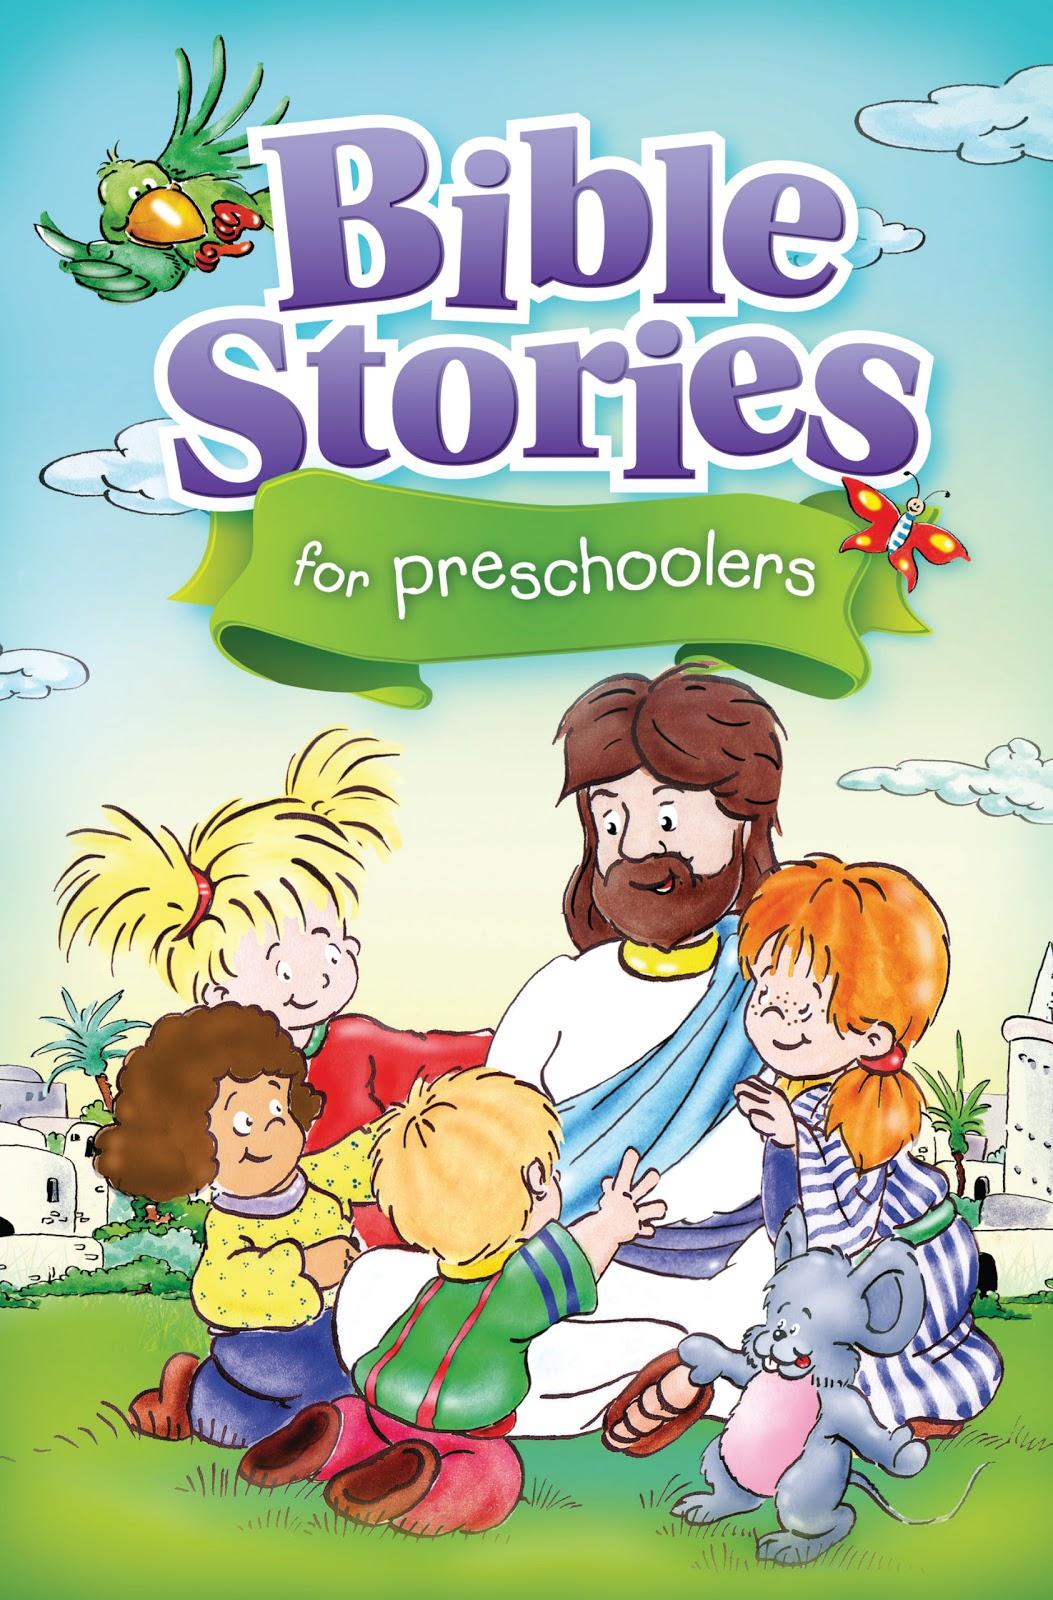 stories online for preschoolers a peek inside bible stories for preschoolers book review 700